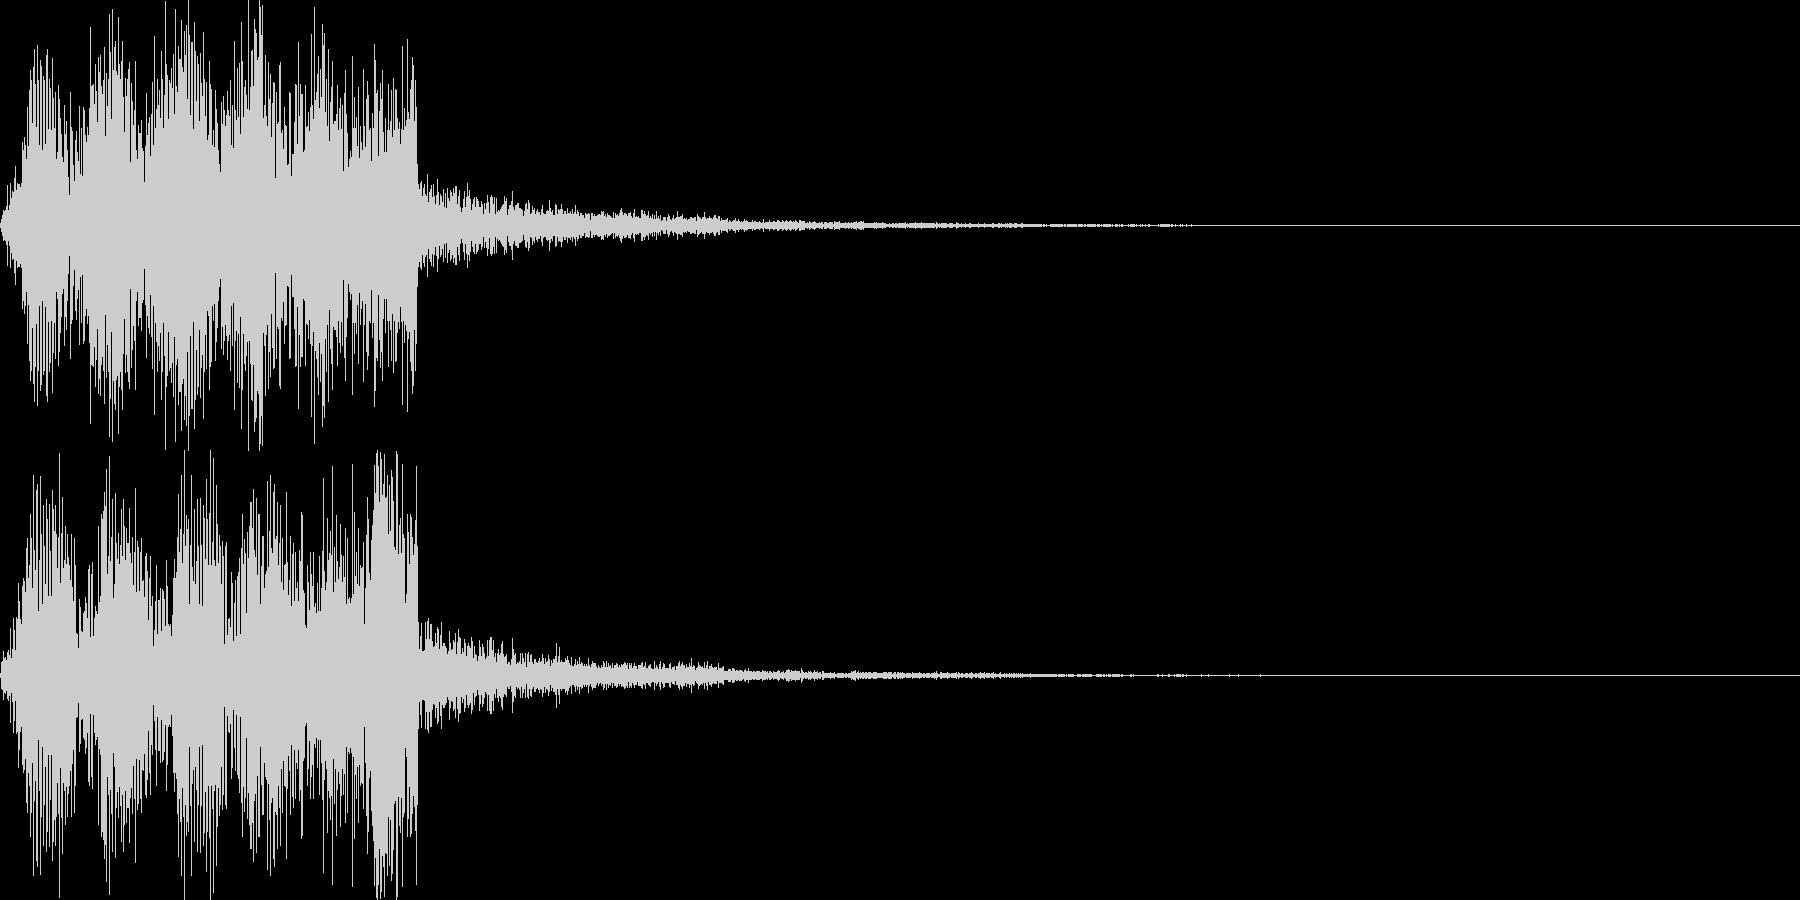 アイテム獲得・ポーズ・セレクトSEの未再生の波形